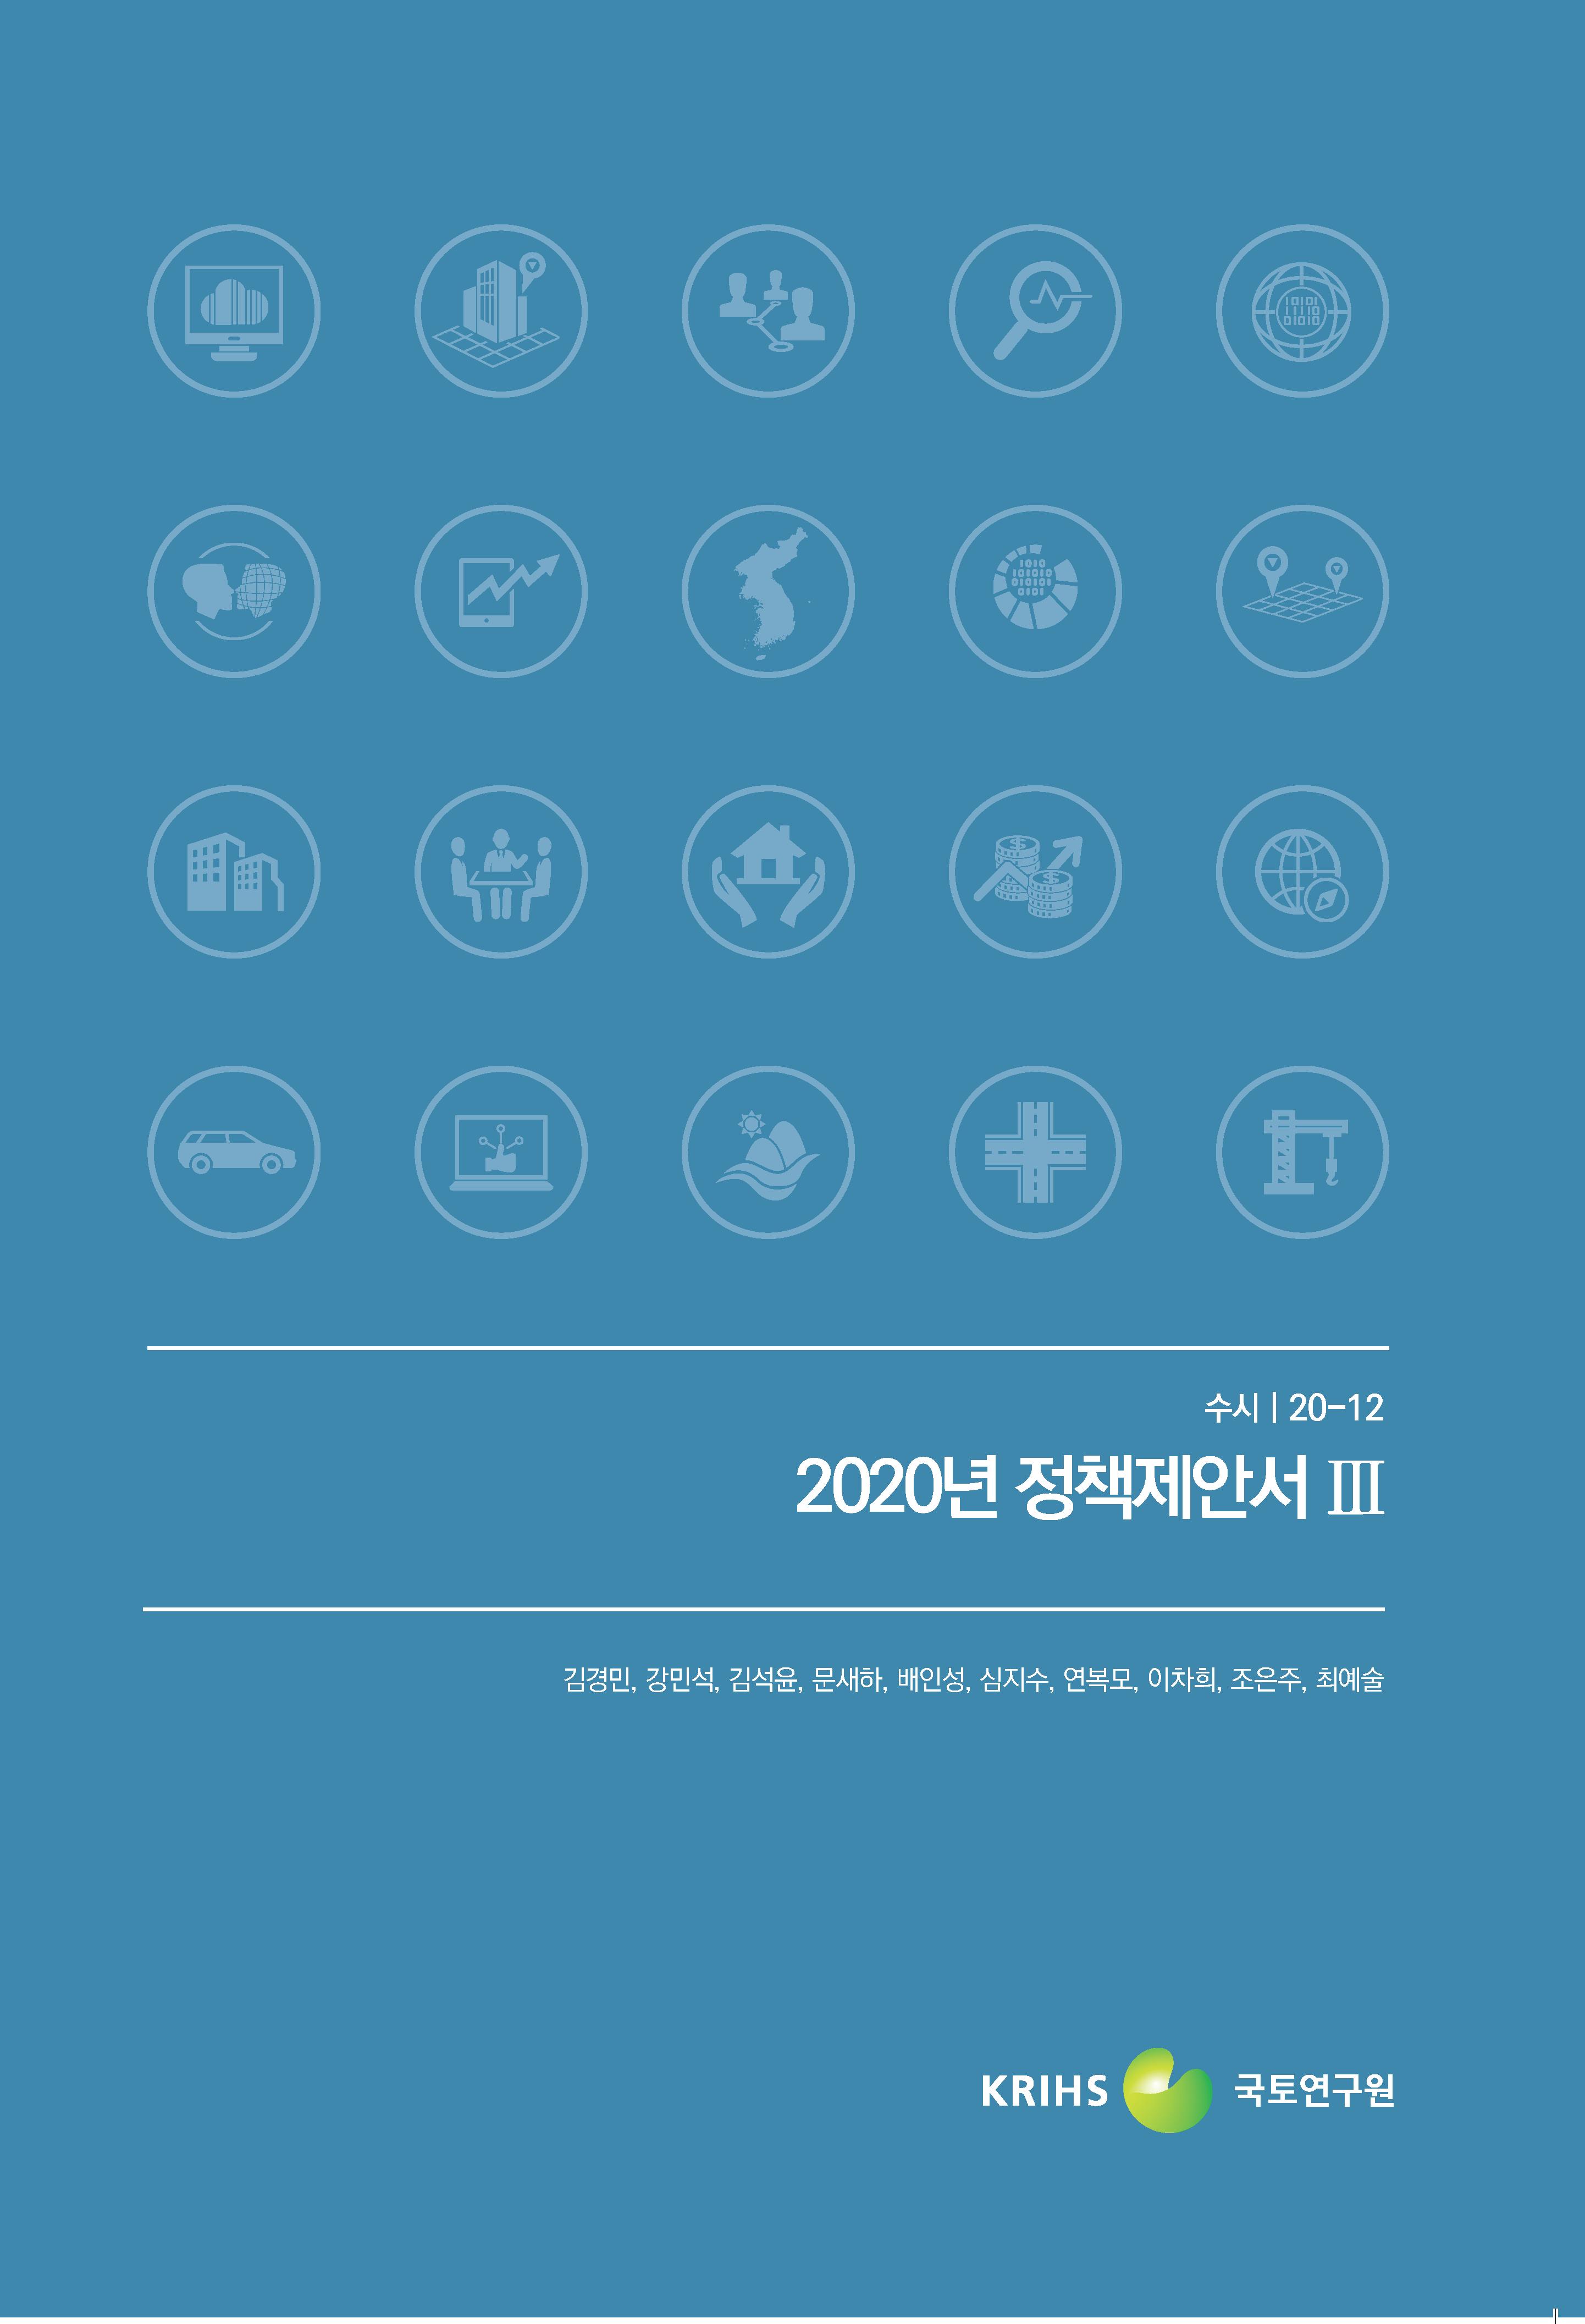 2020년 정책제안서 Ⅲ